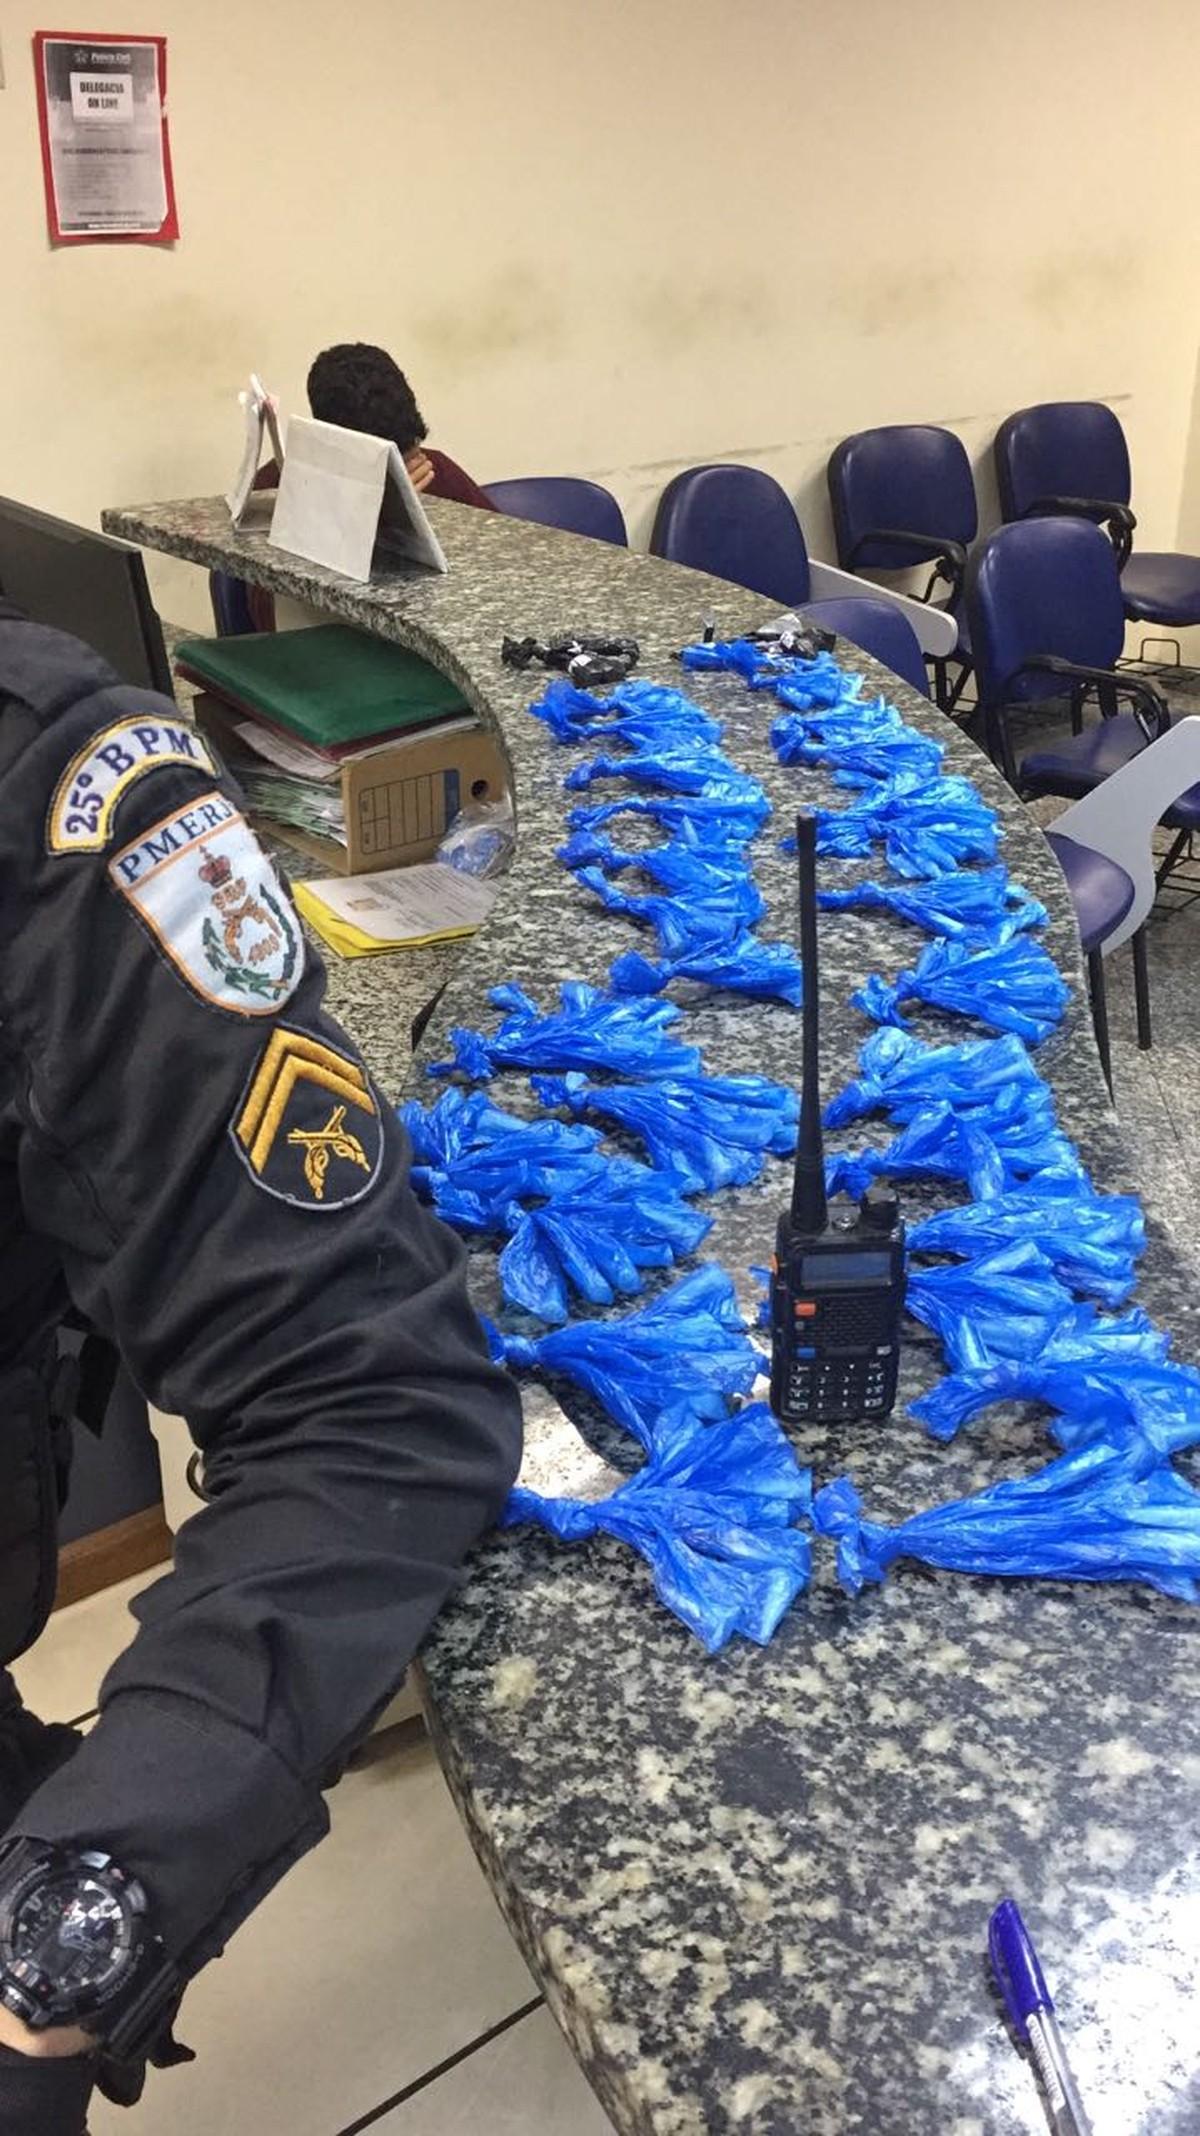 Jovem é detido após tentar fugir com cocaína e rádio transmissor em Cabo Frio, no RJ